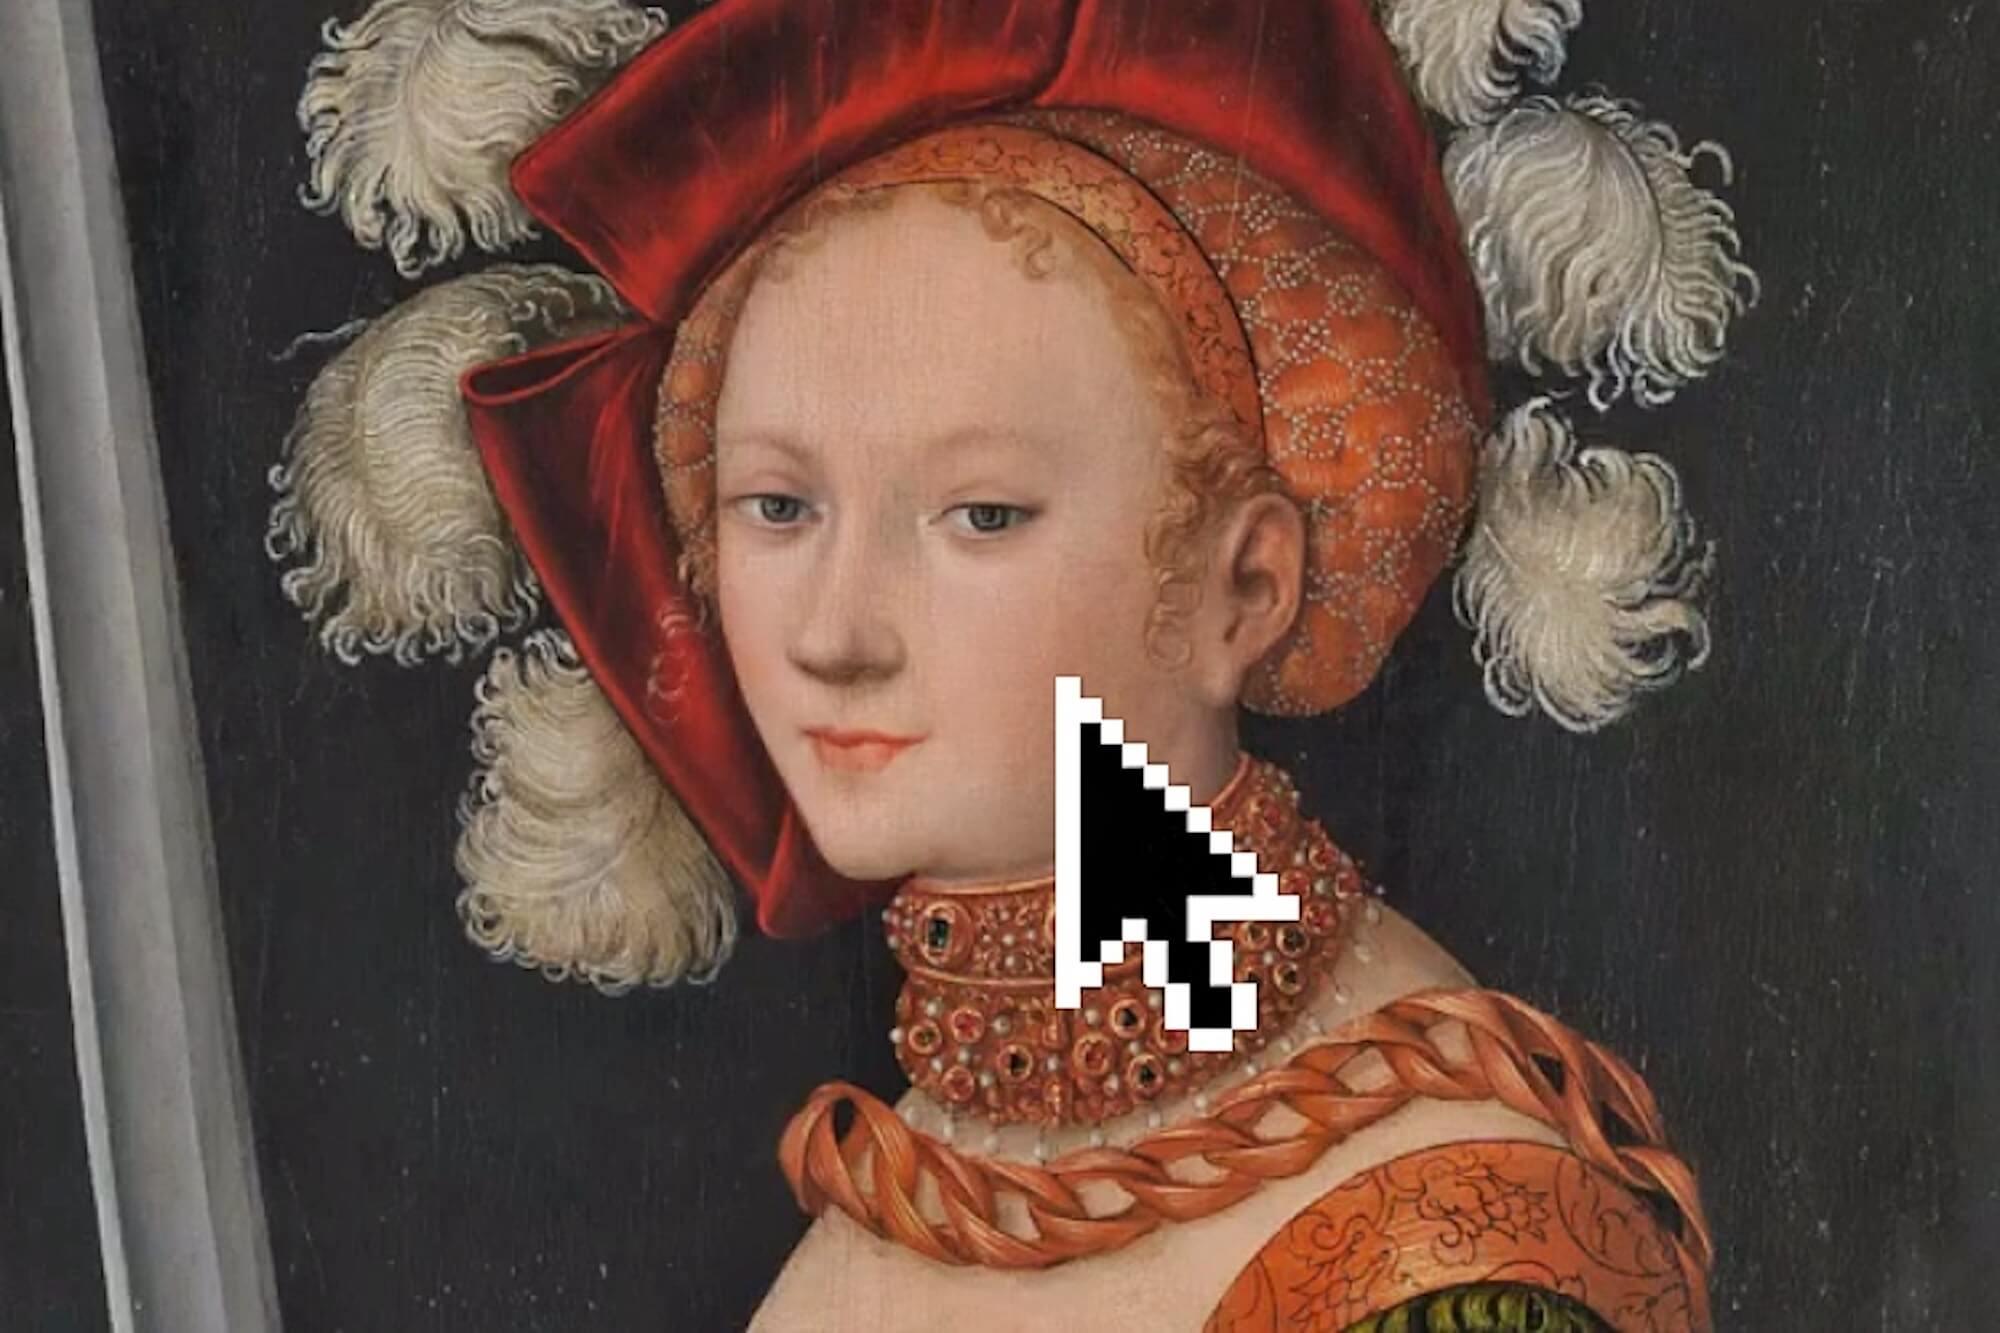 Die Digitale Kunsthalle soll Besuchern einen neuen Zugang zu Kunst ermöglichen. Doch andere Virtuelle Museen sind dem Angebot technisch überlegen.